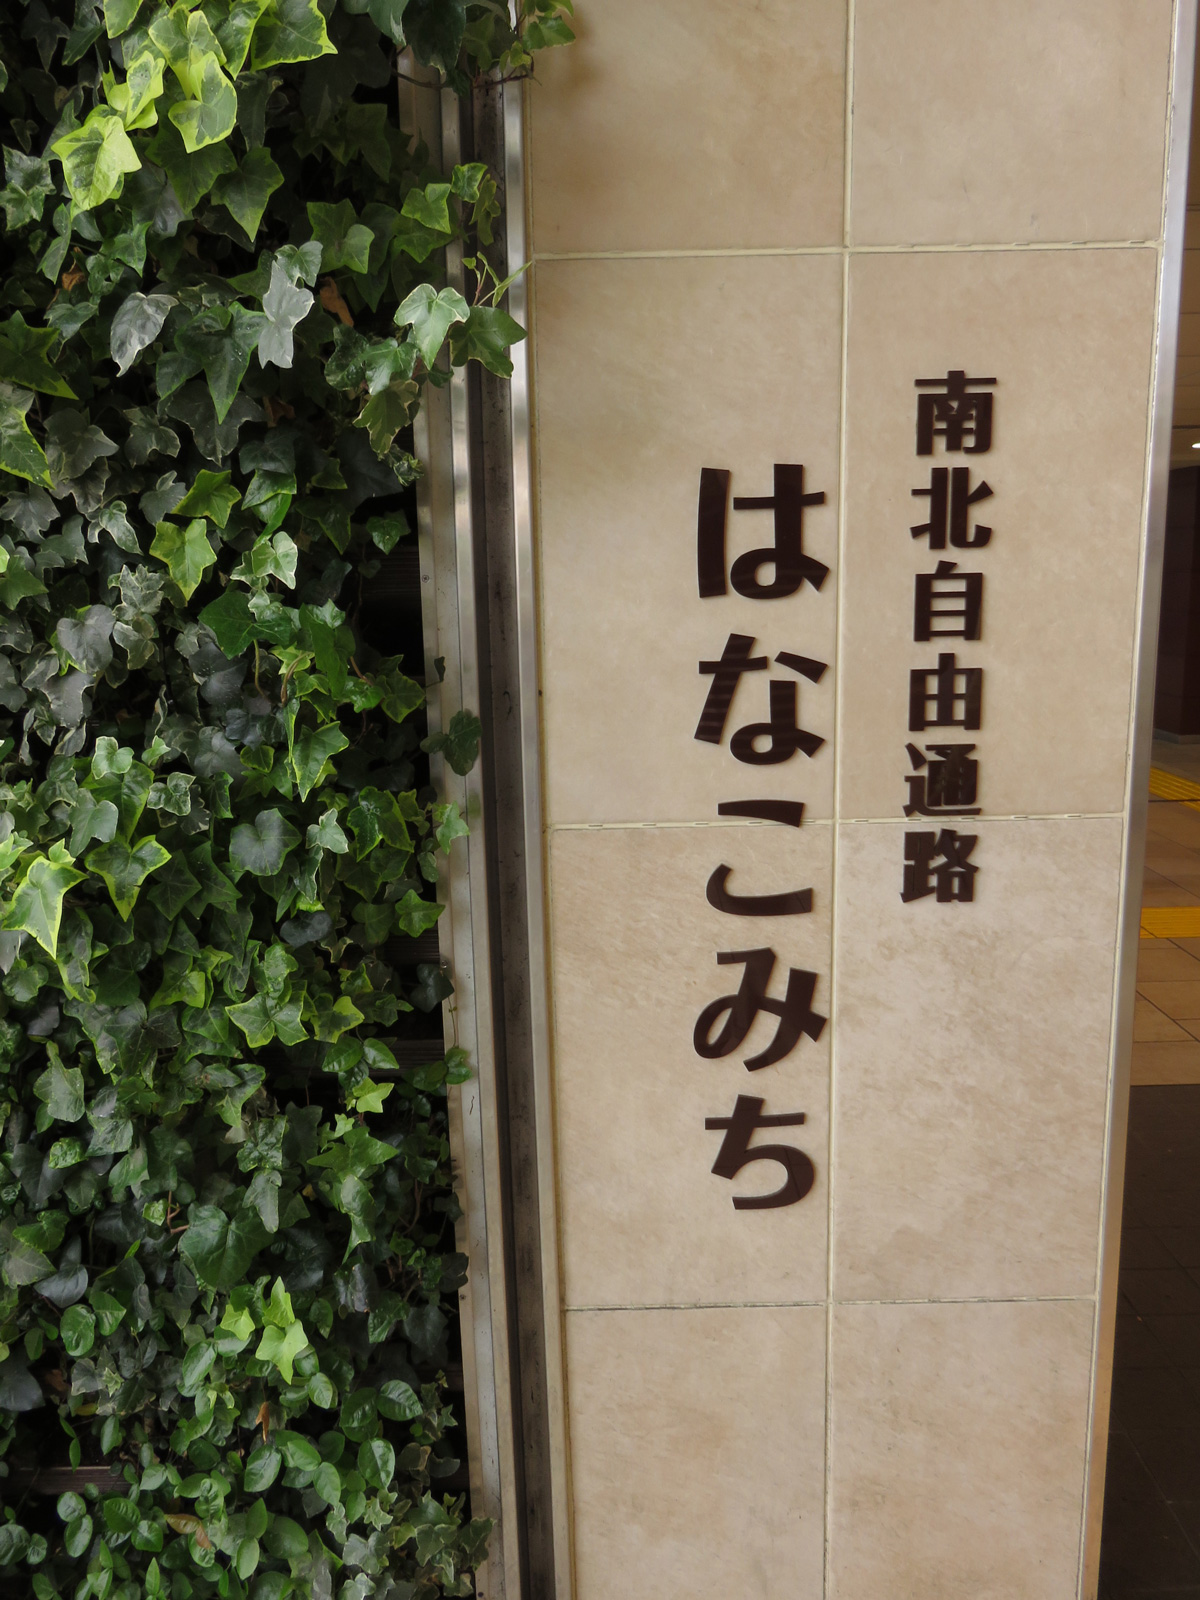 今週末12/17(日)は、2017年最後のハモ朝→吉祥寺駅フェスタの開催日です!